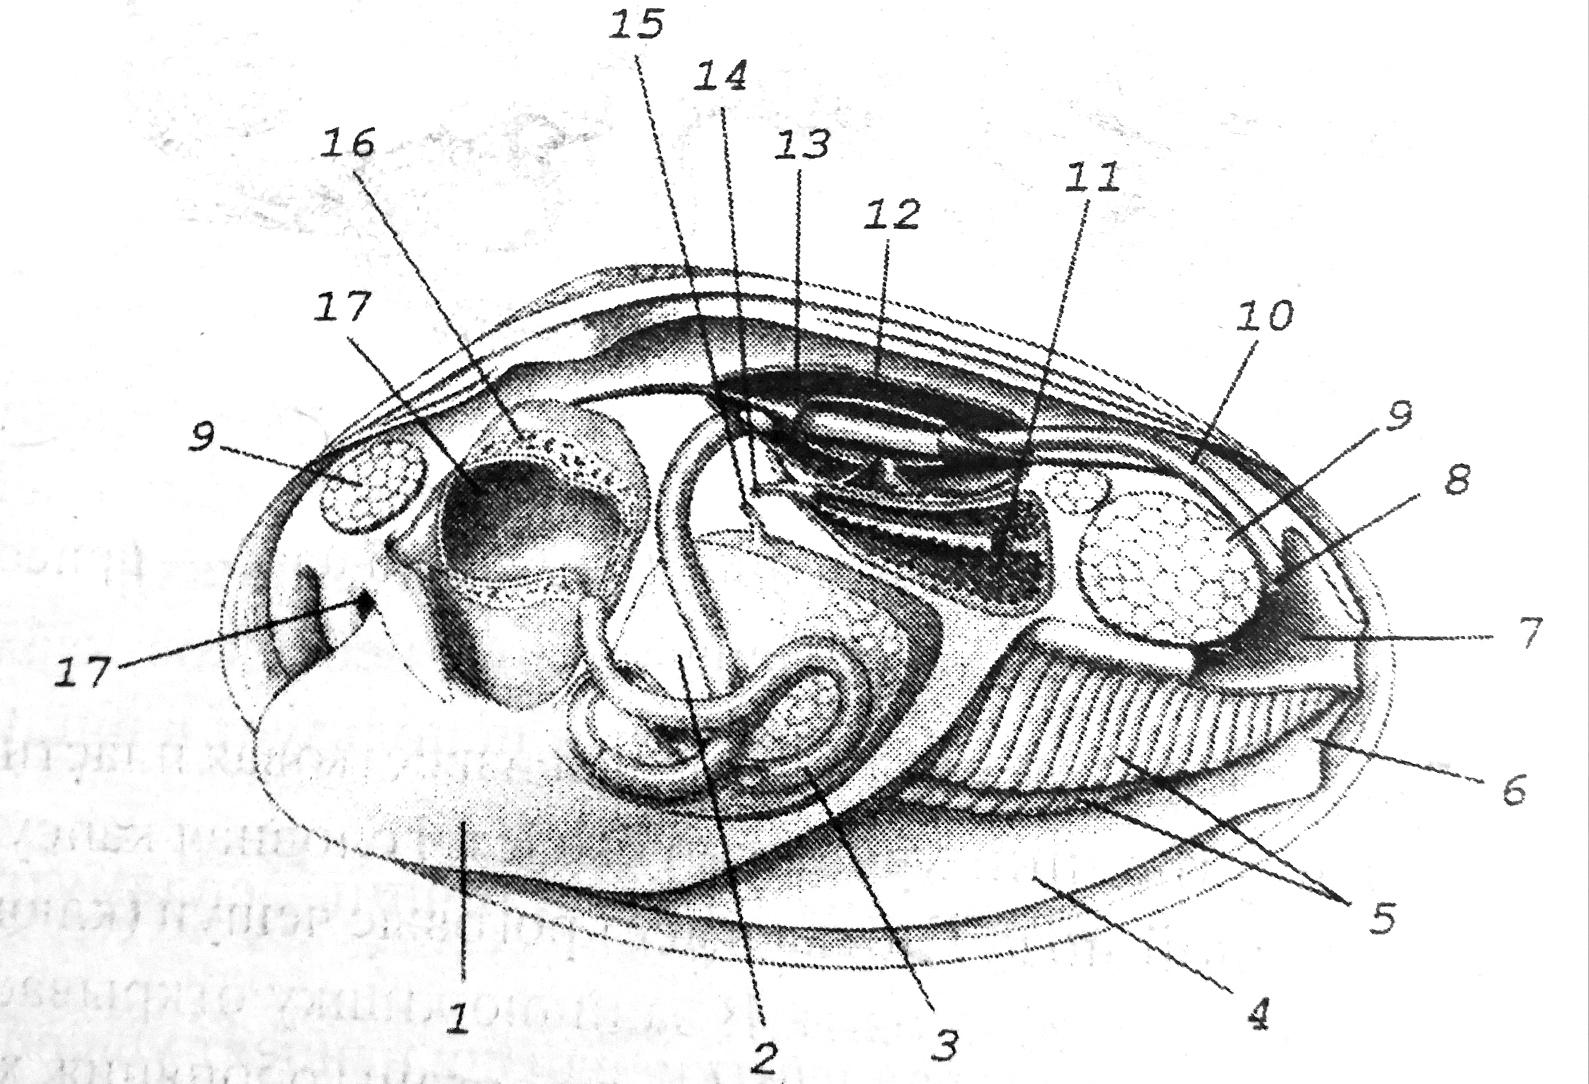 Схема внутреннего строения двустворчатого моллюска